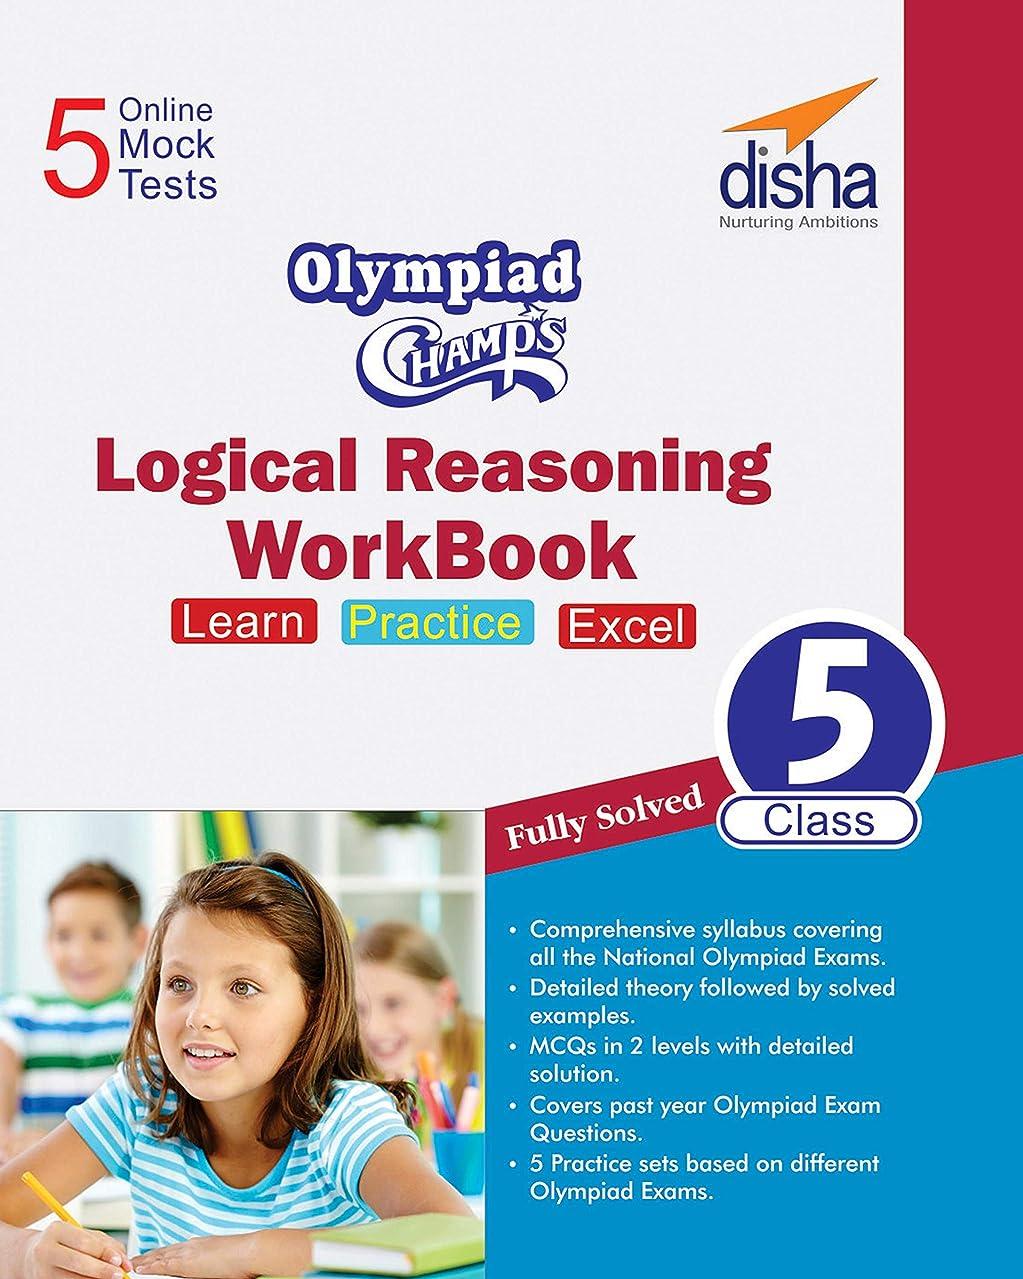 好ましい権威から聞くOlympiad Champs Logical Reasoning Workbook Class 5 with 5 Mock Online Olympiad Tests (English Edition)